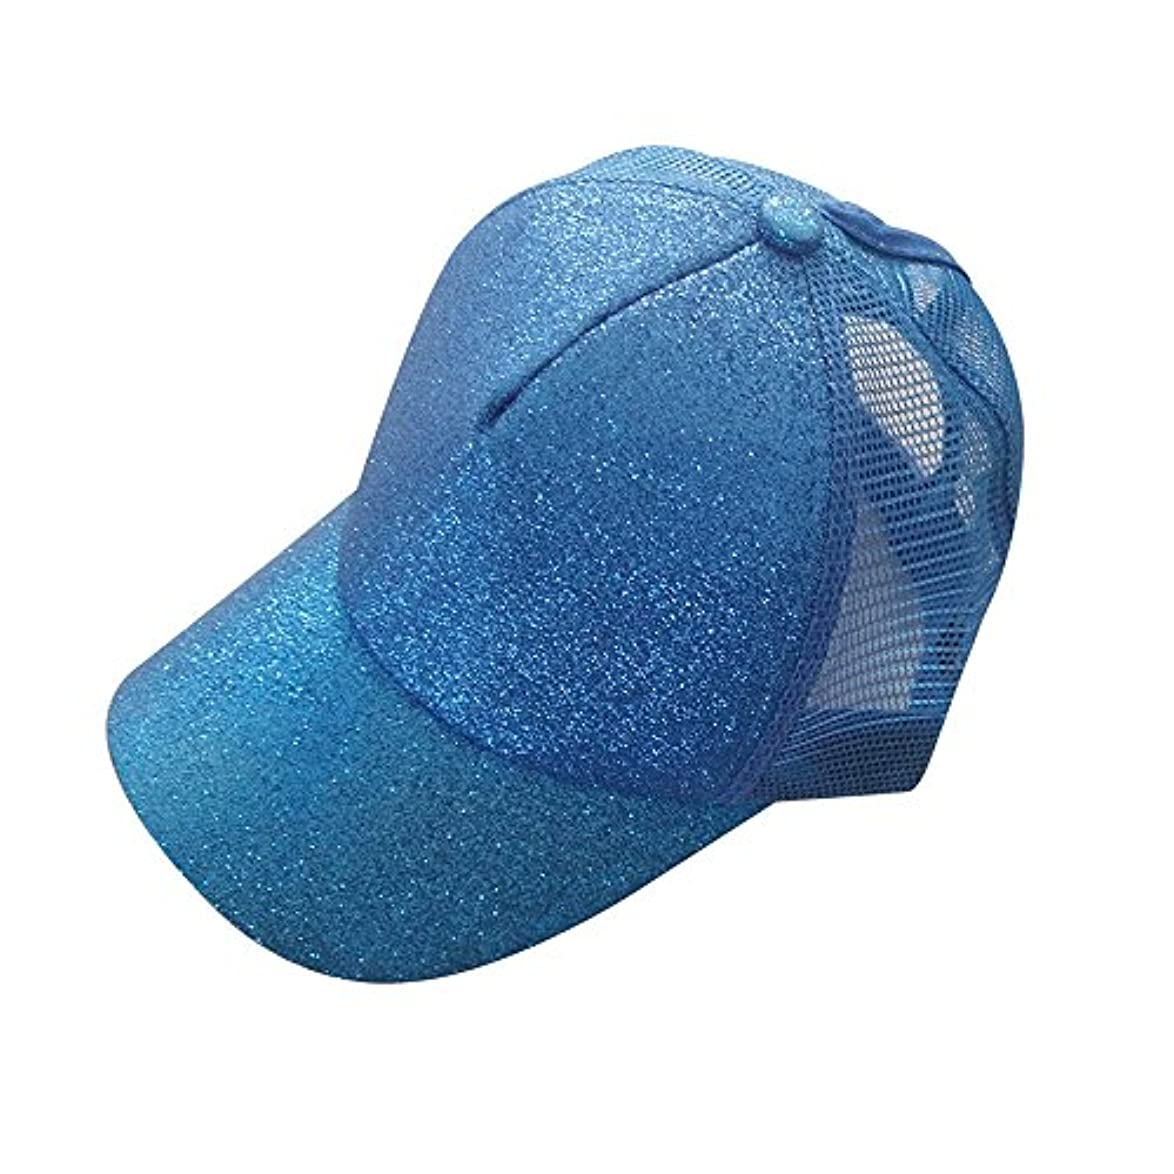 描く耳ガレージRacazing Cap スパンコール 無地 メッシュ 野球帽 通気性のある ヒップホップ 帽子 夏 登山 可調整可能 棒球帽 男女兼用 UV 帽子 軽量 屋外 Unisex Cap (青)